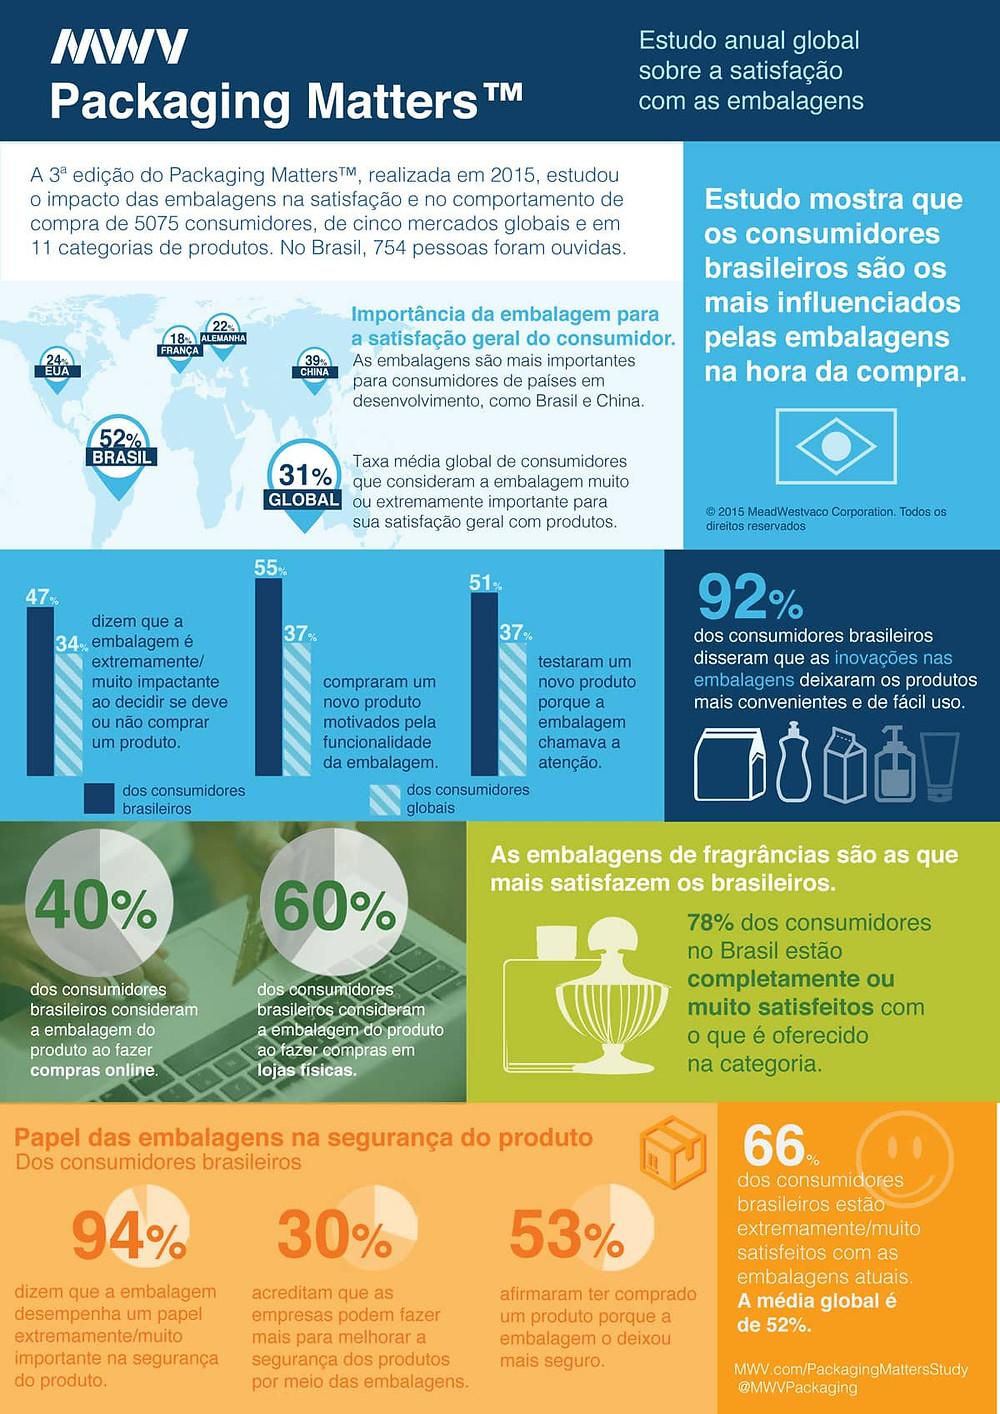 infográfico embalagem - Packaging Matters Brasil MWV